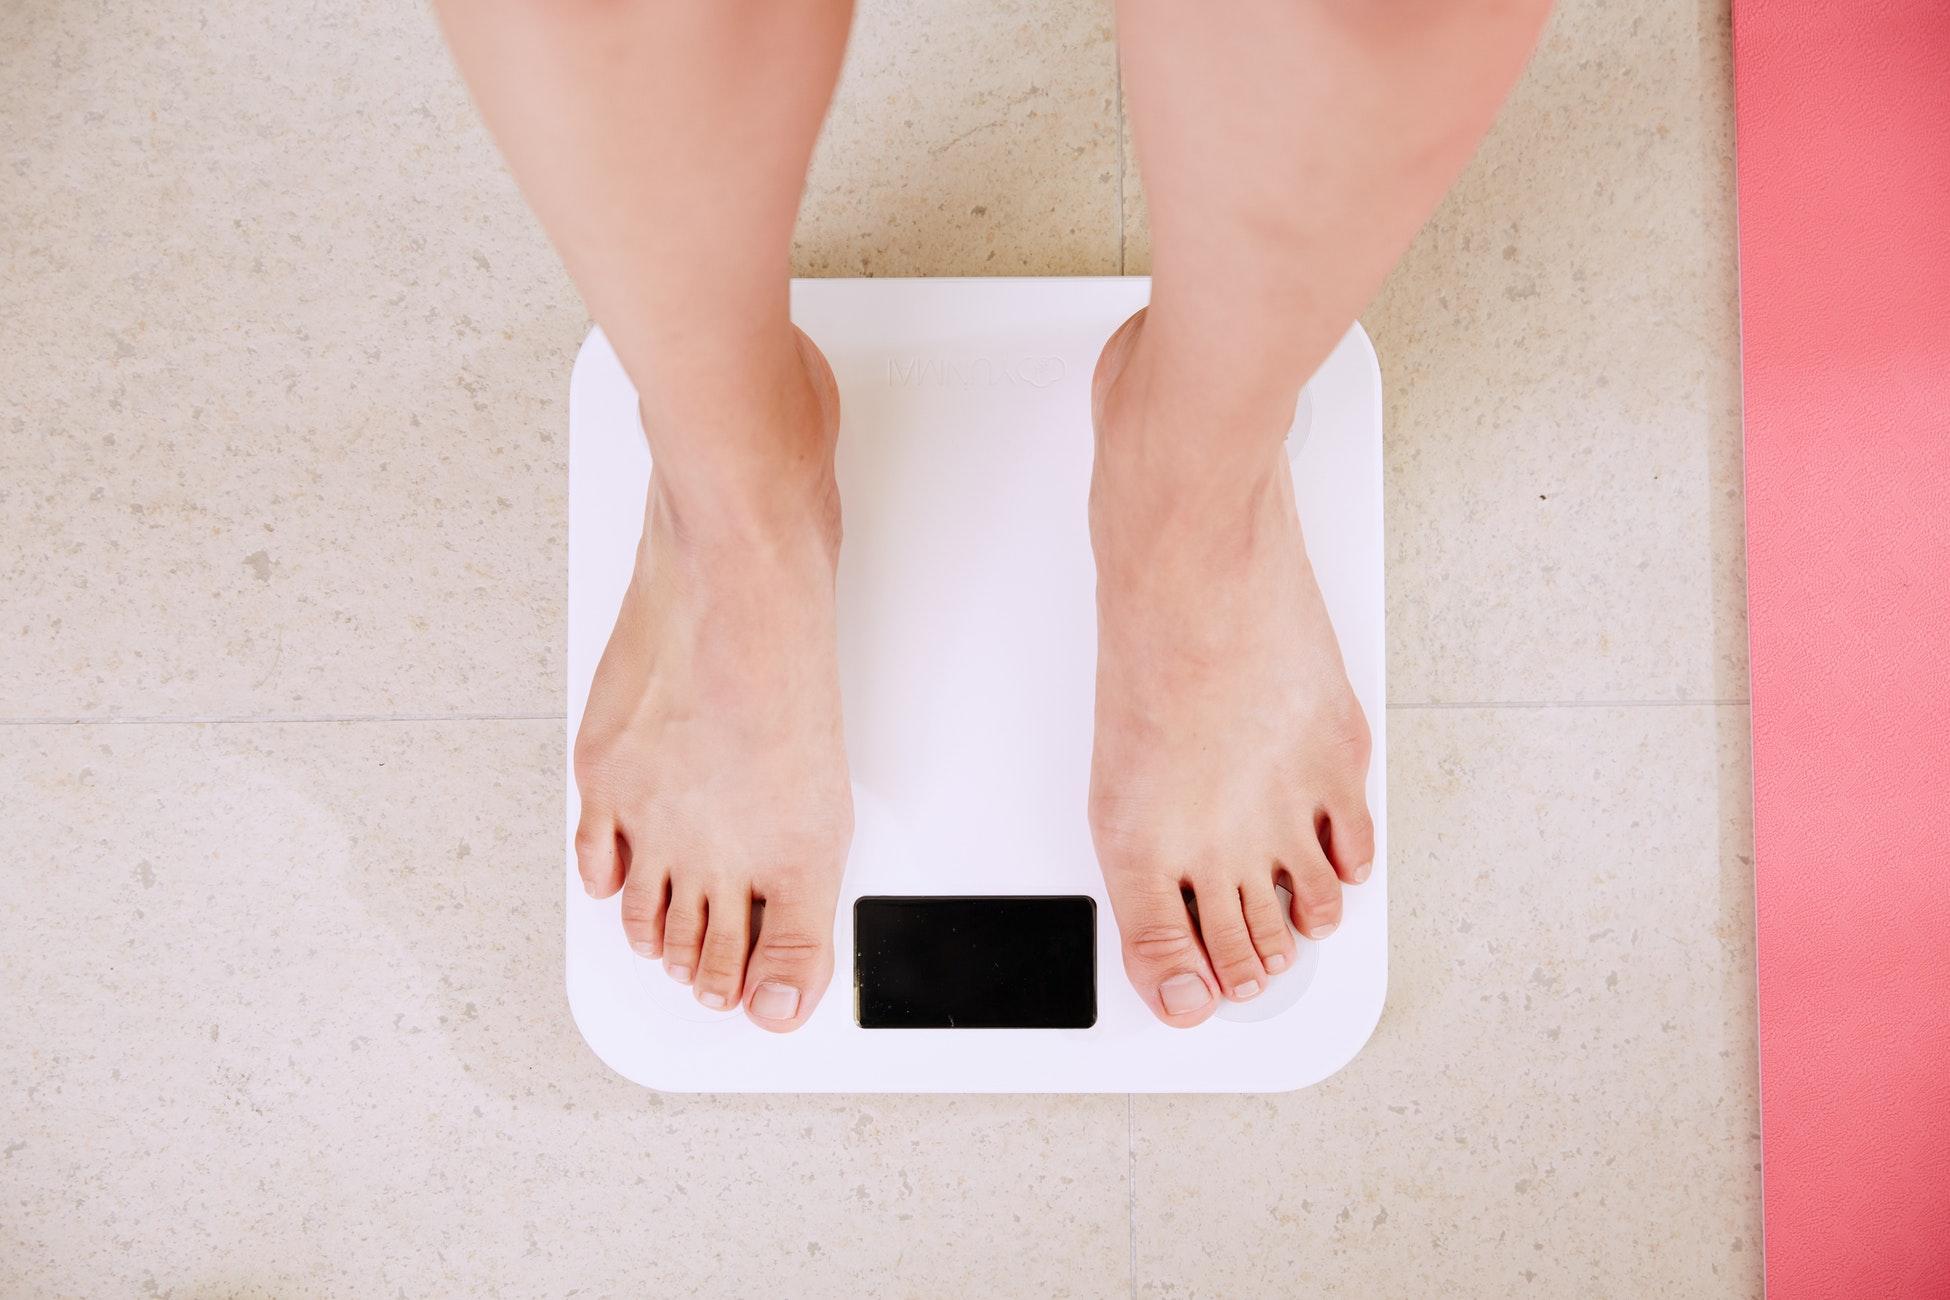 warum kann ich trotz diät nicht abnehmen